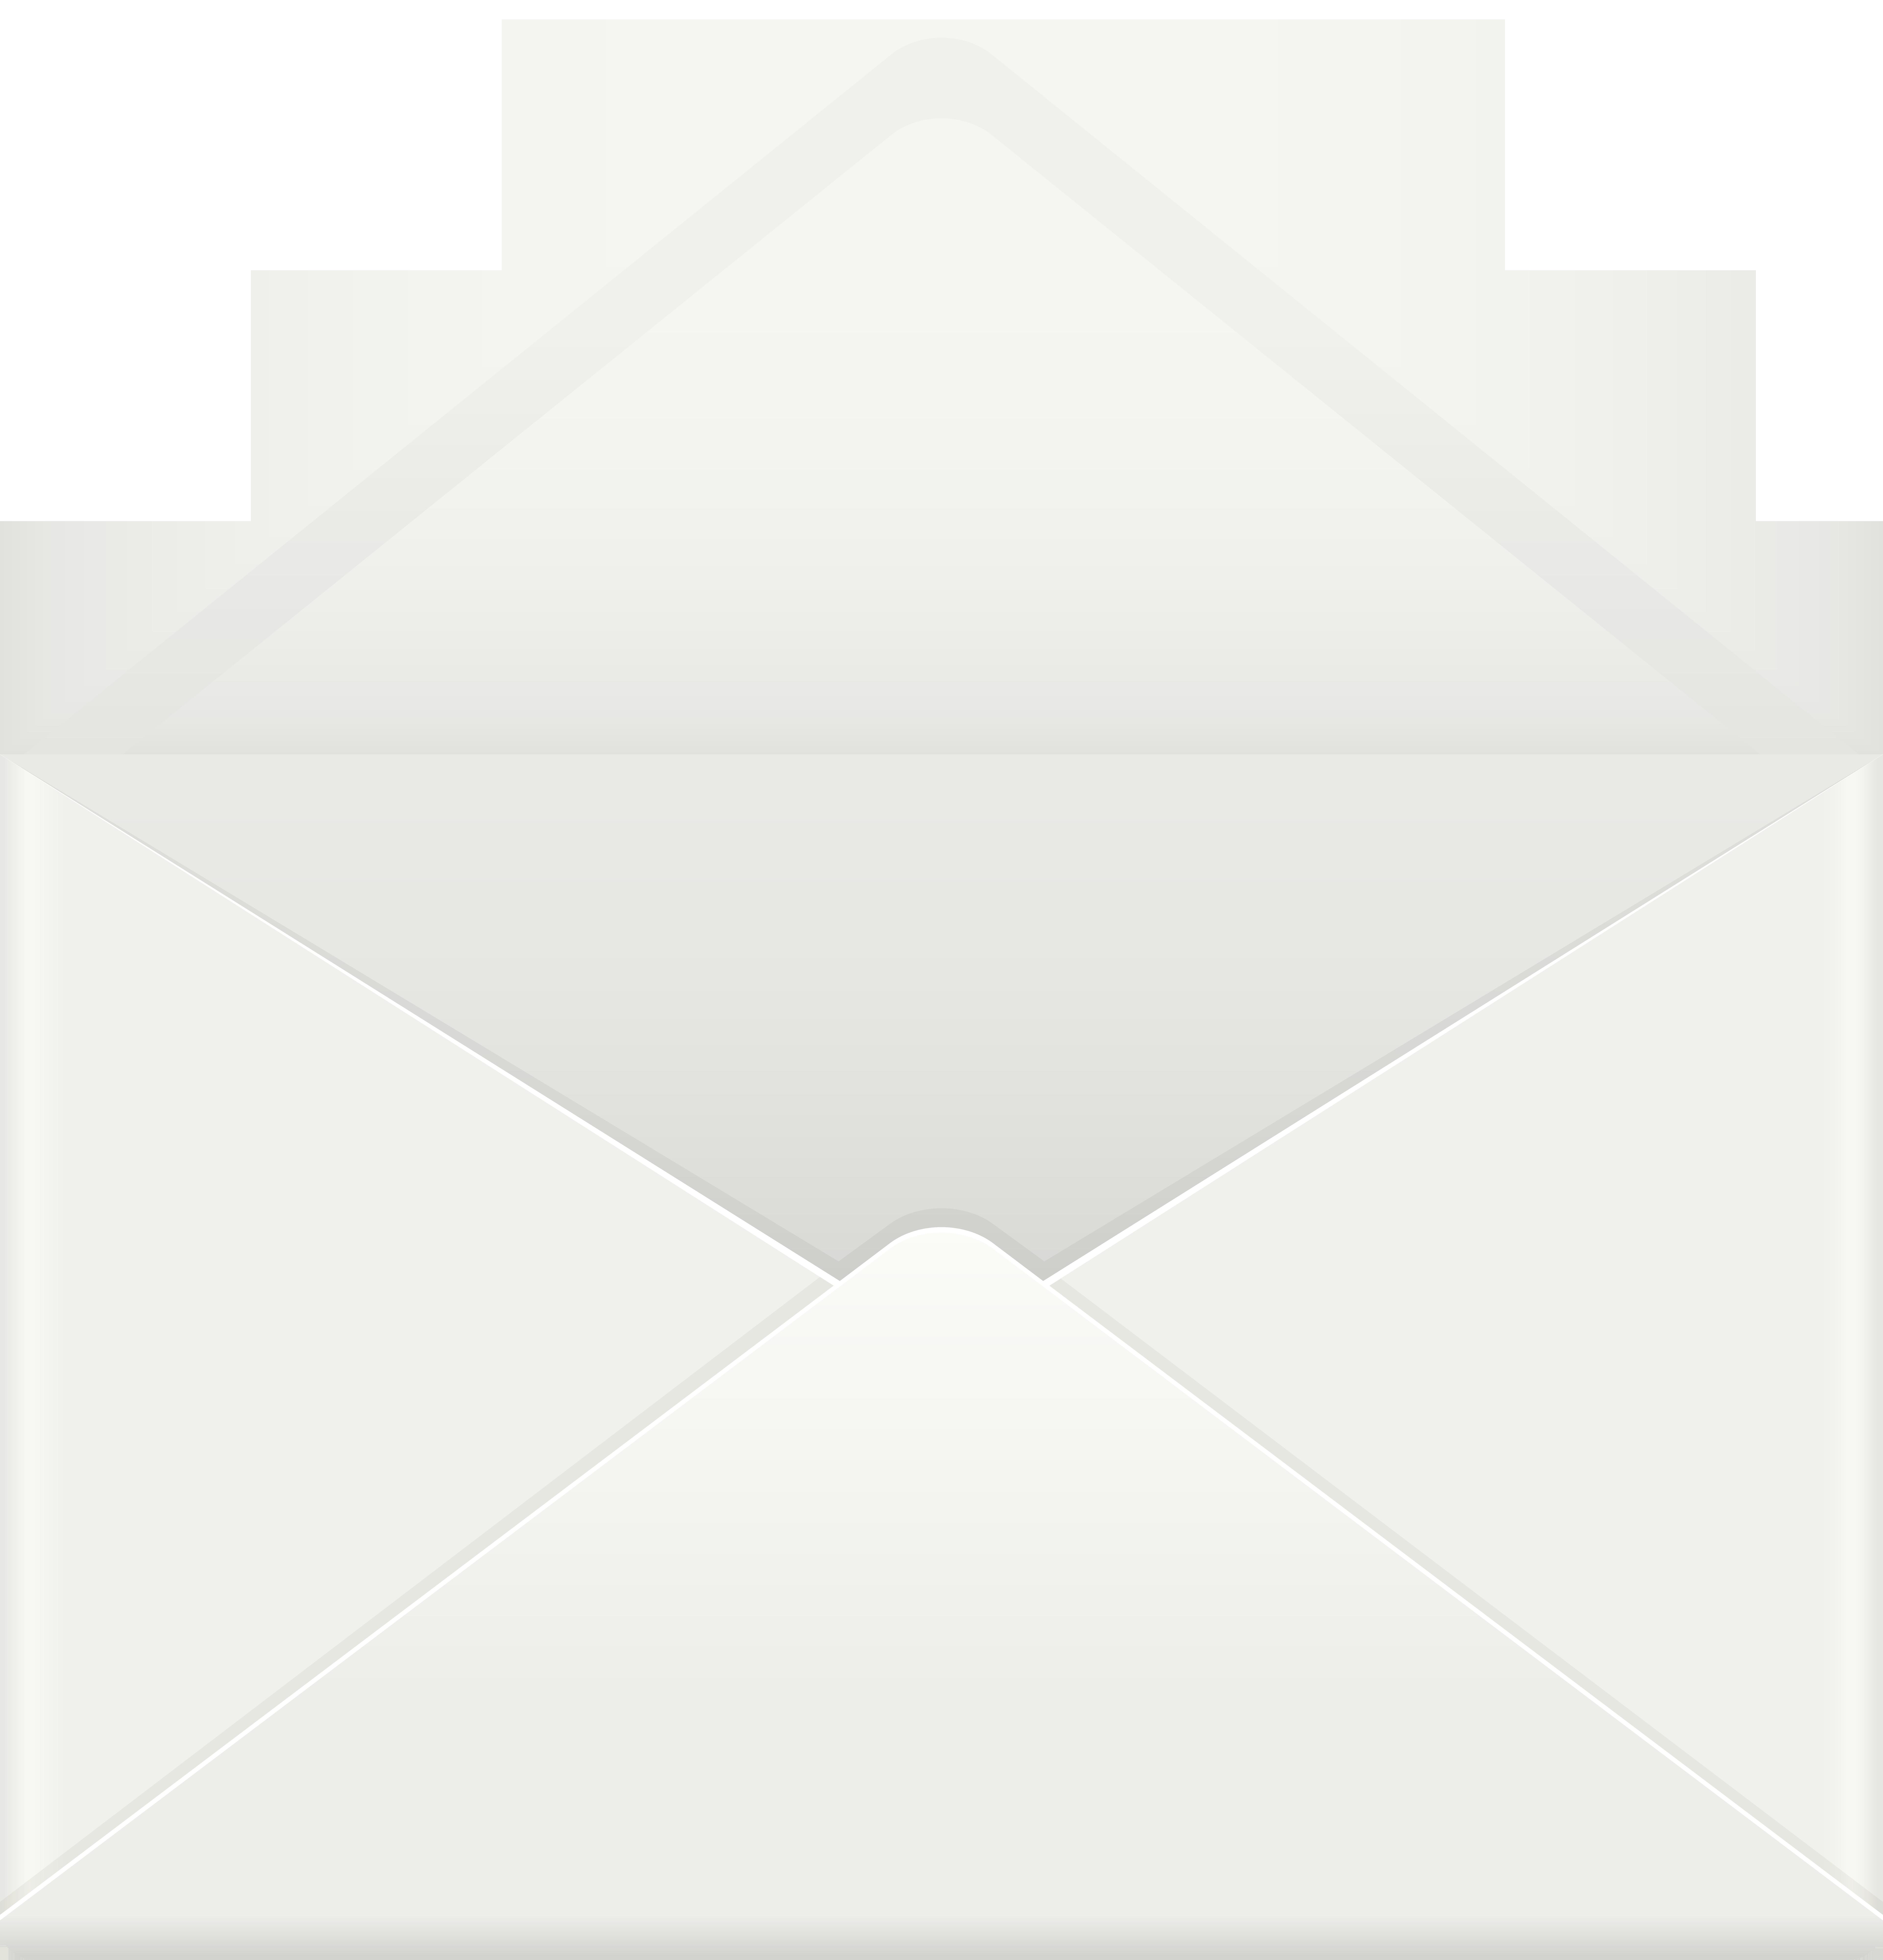 Open png clip art. Envelope clipart format